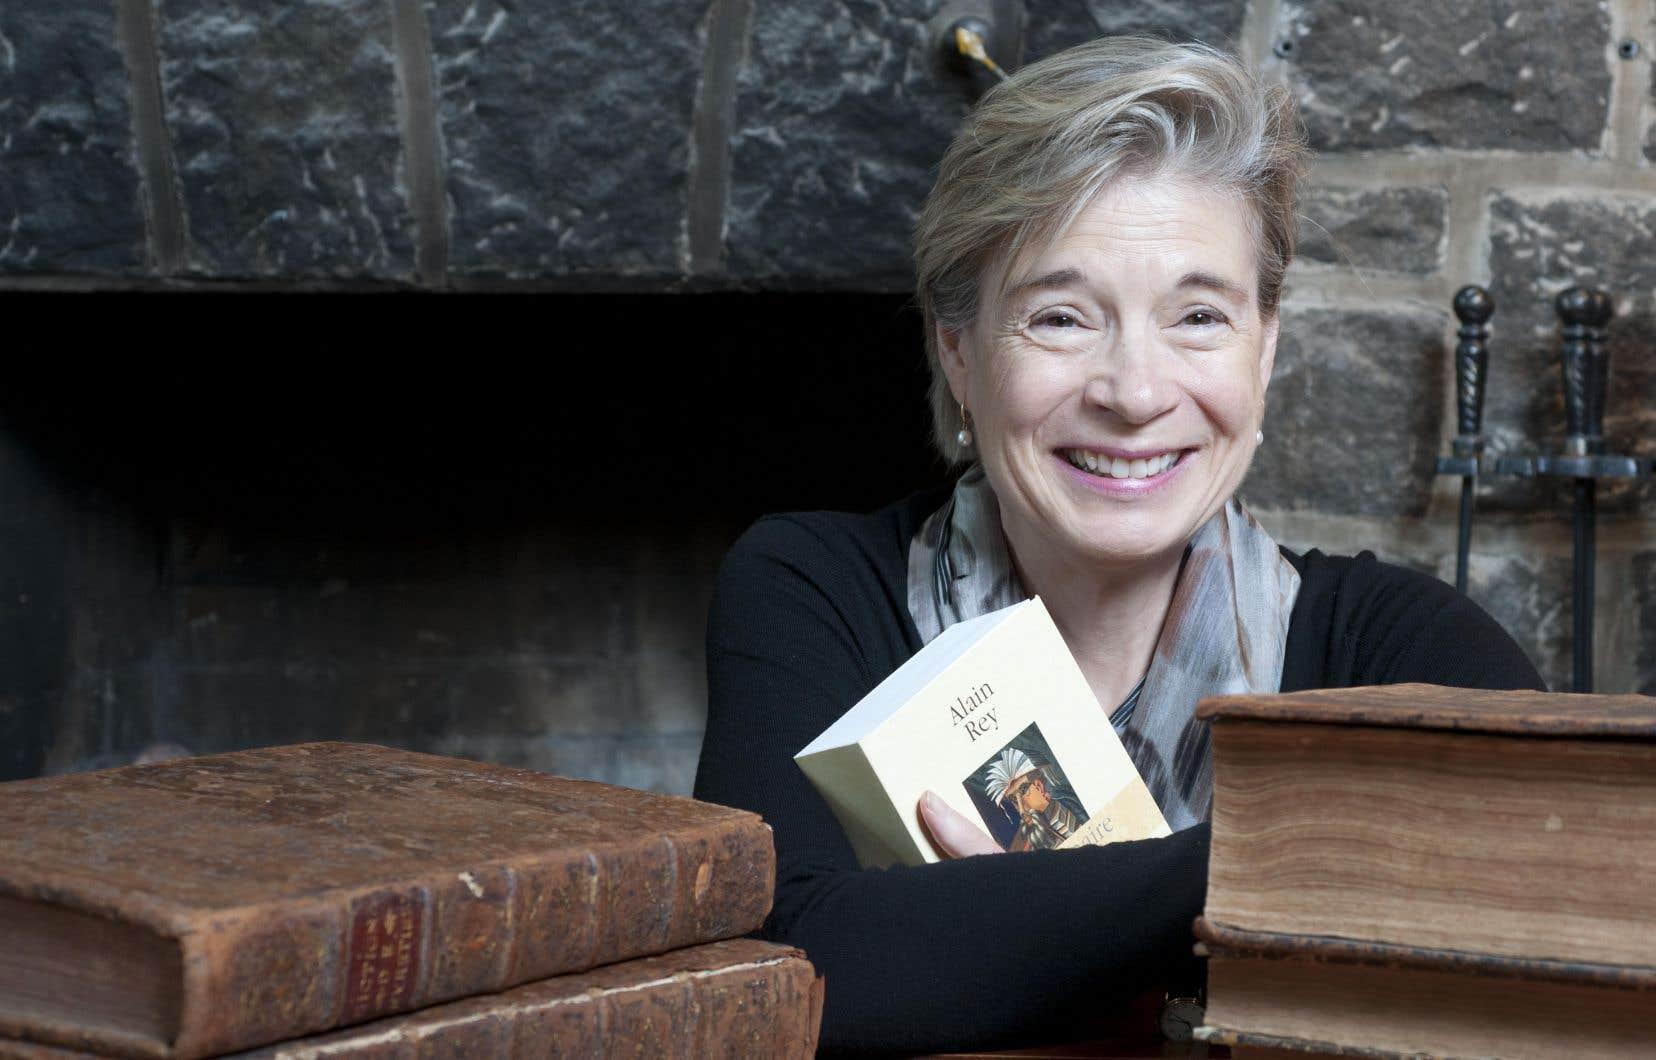 Monique Cormier a passé énormément de temps seule à faire de la recherche pointue sur les dictionnaires, mais elle a aussi toujours voulu partager ses connaissances avec l'ensemble de la société.